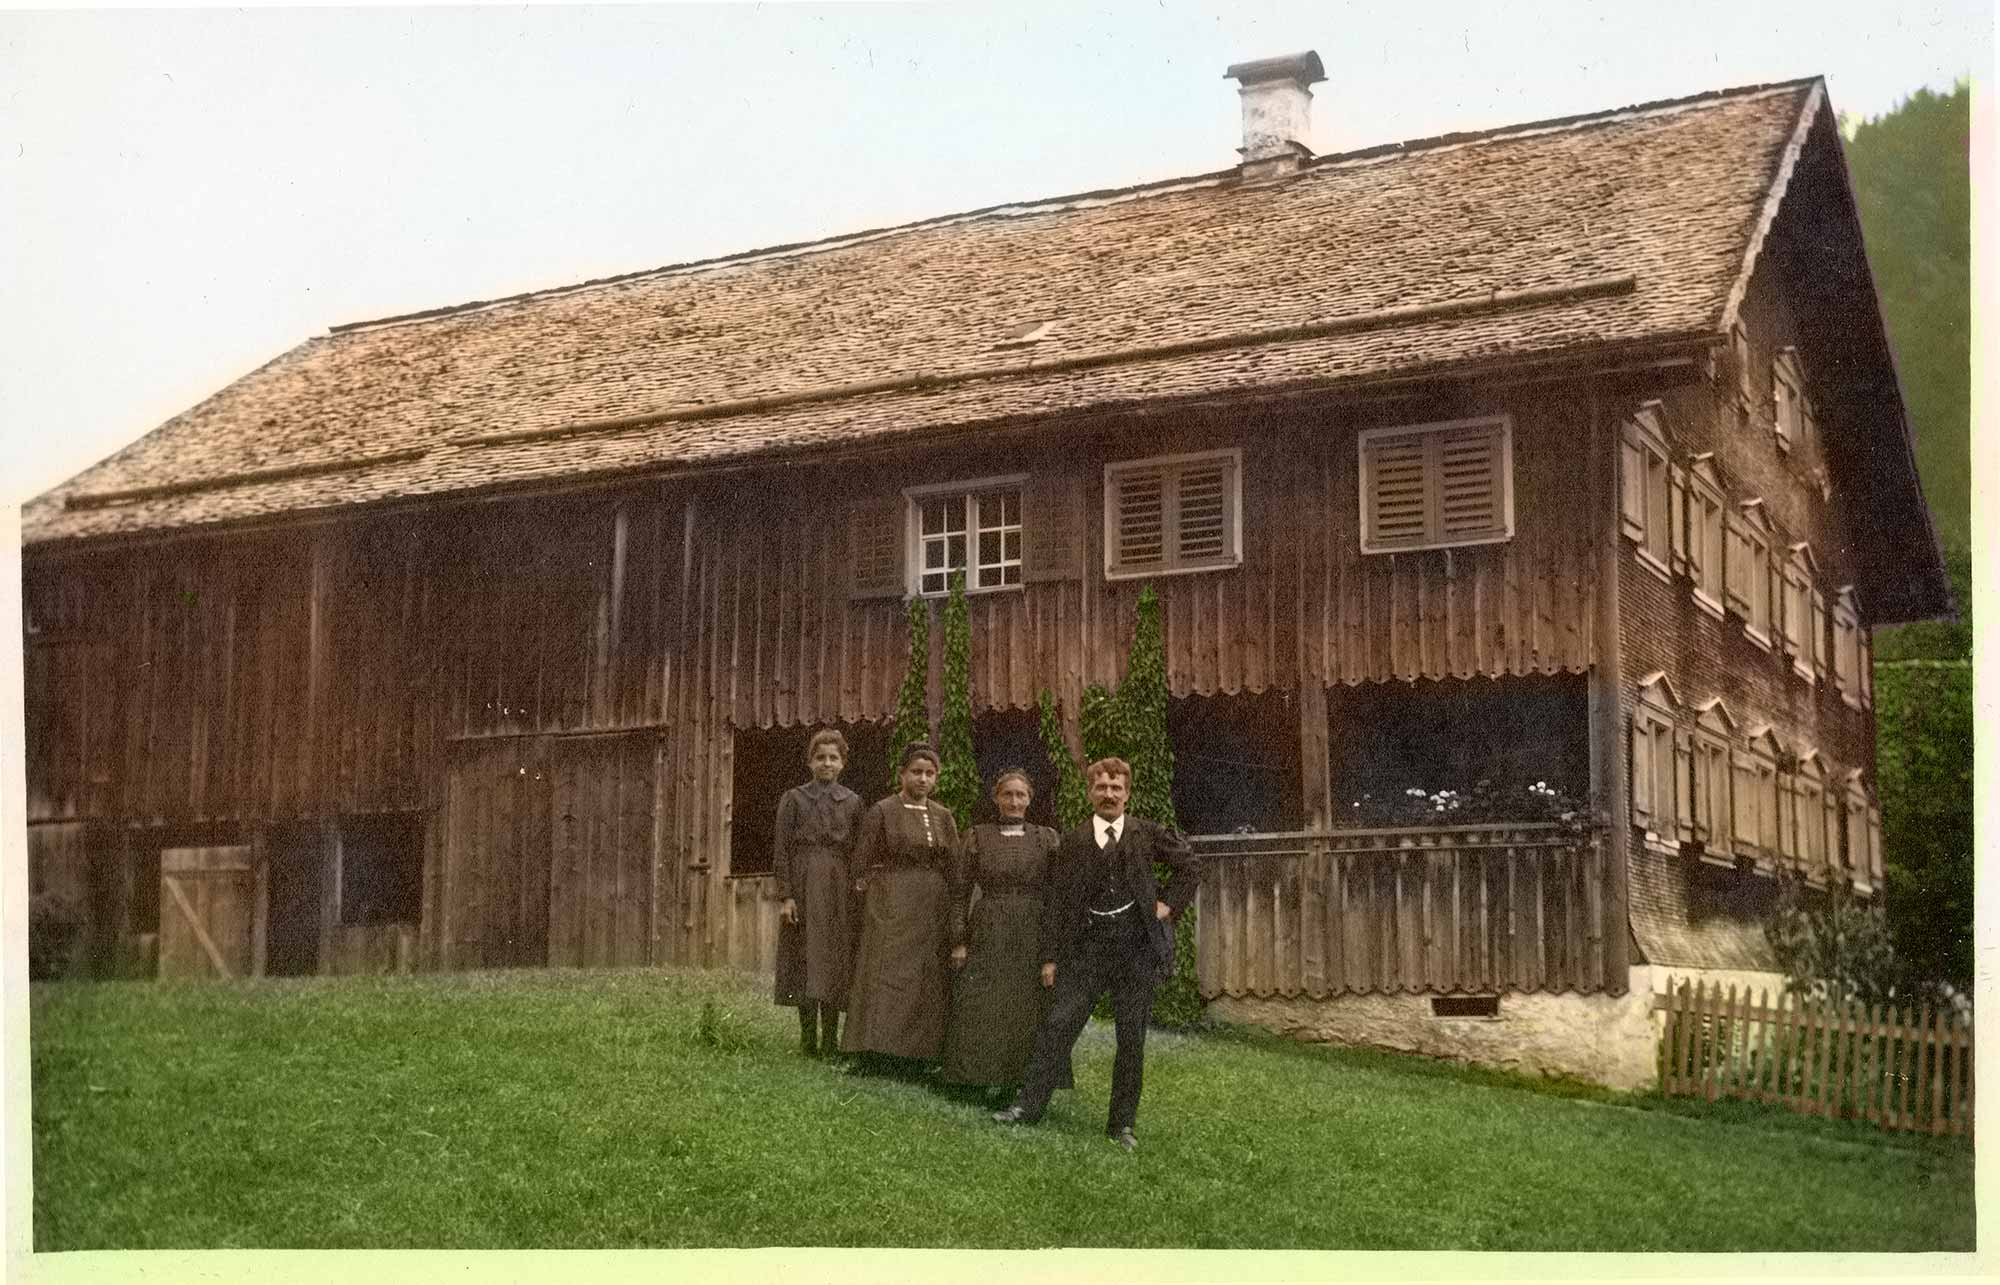 Roagat Hus in the 1920s